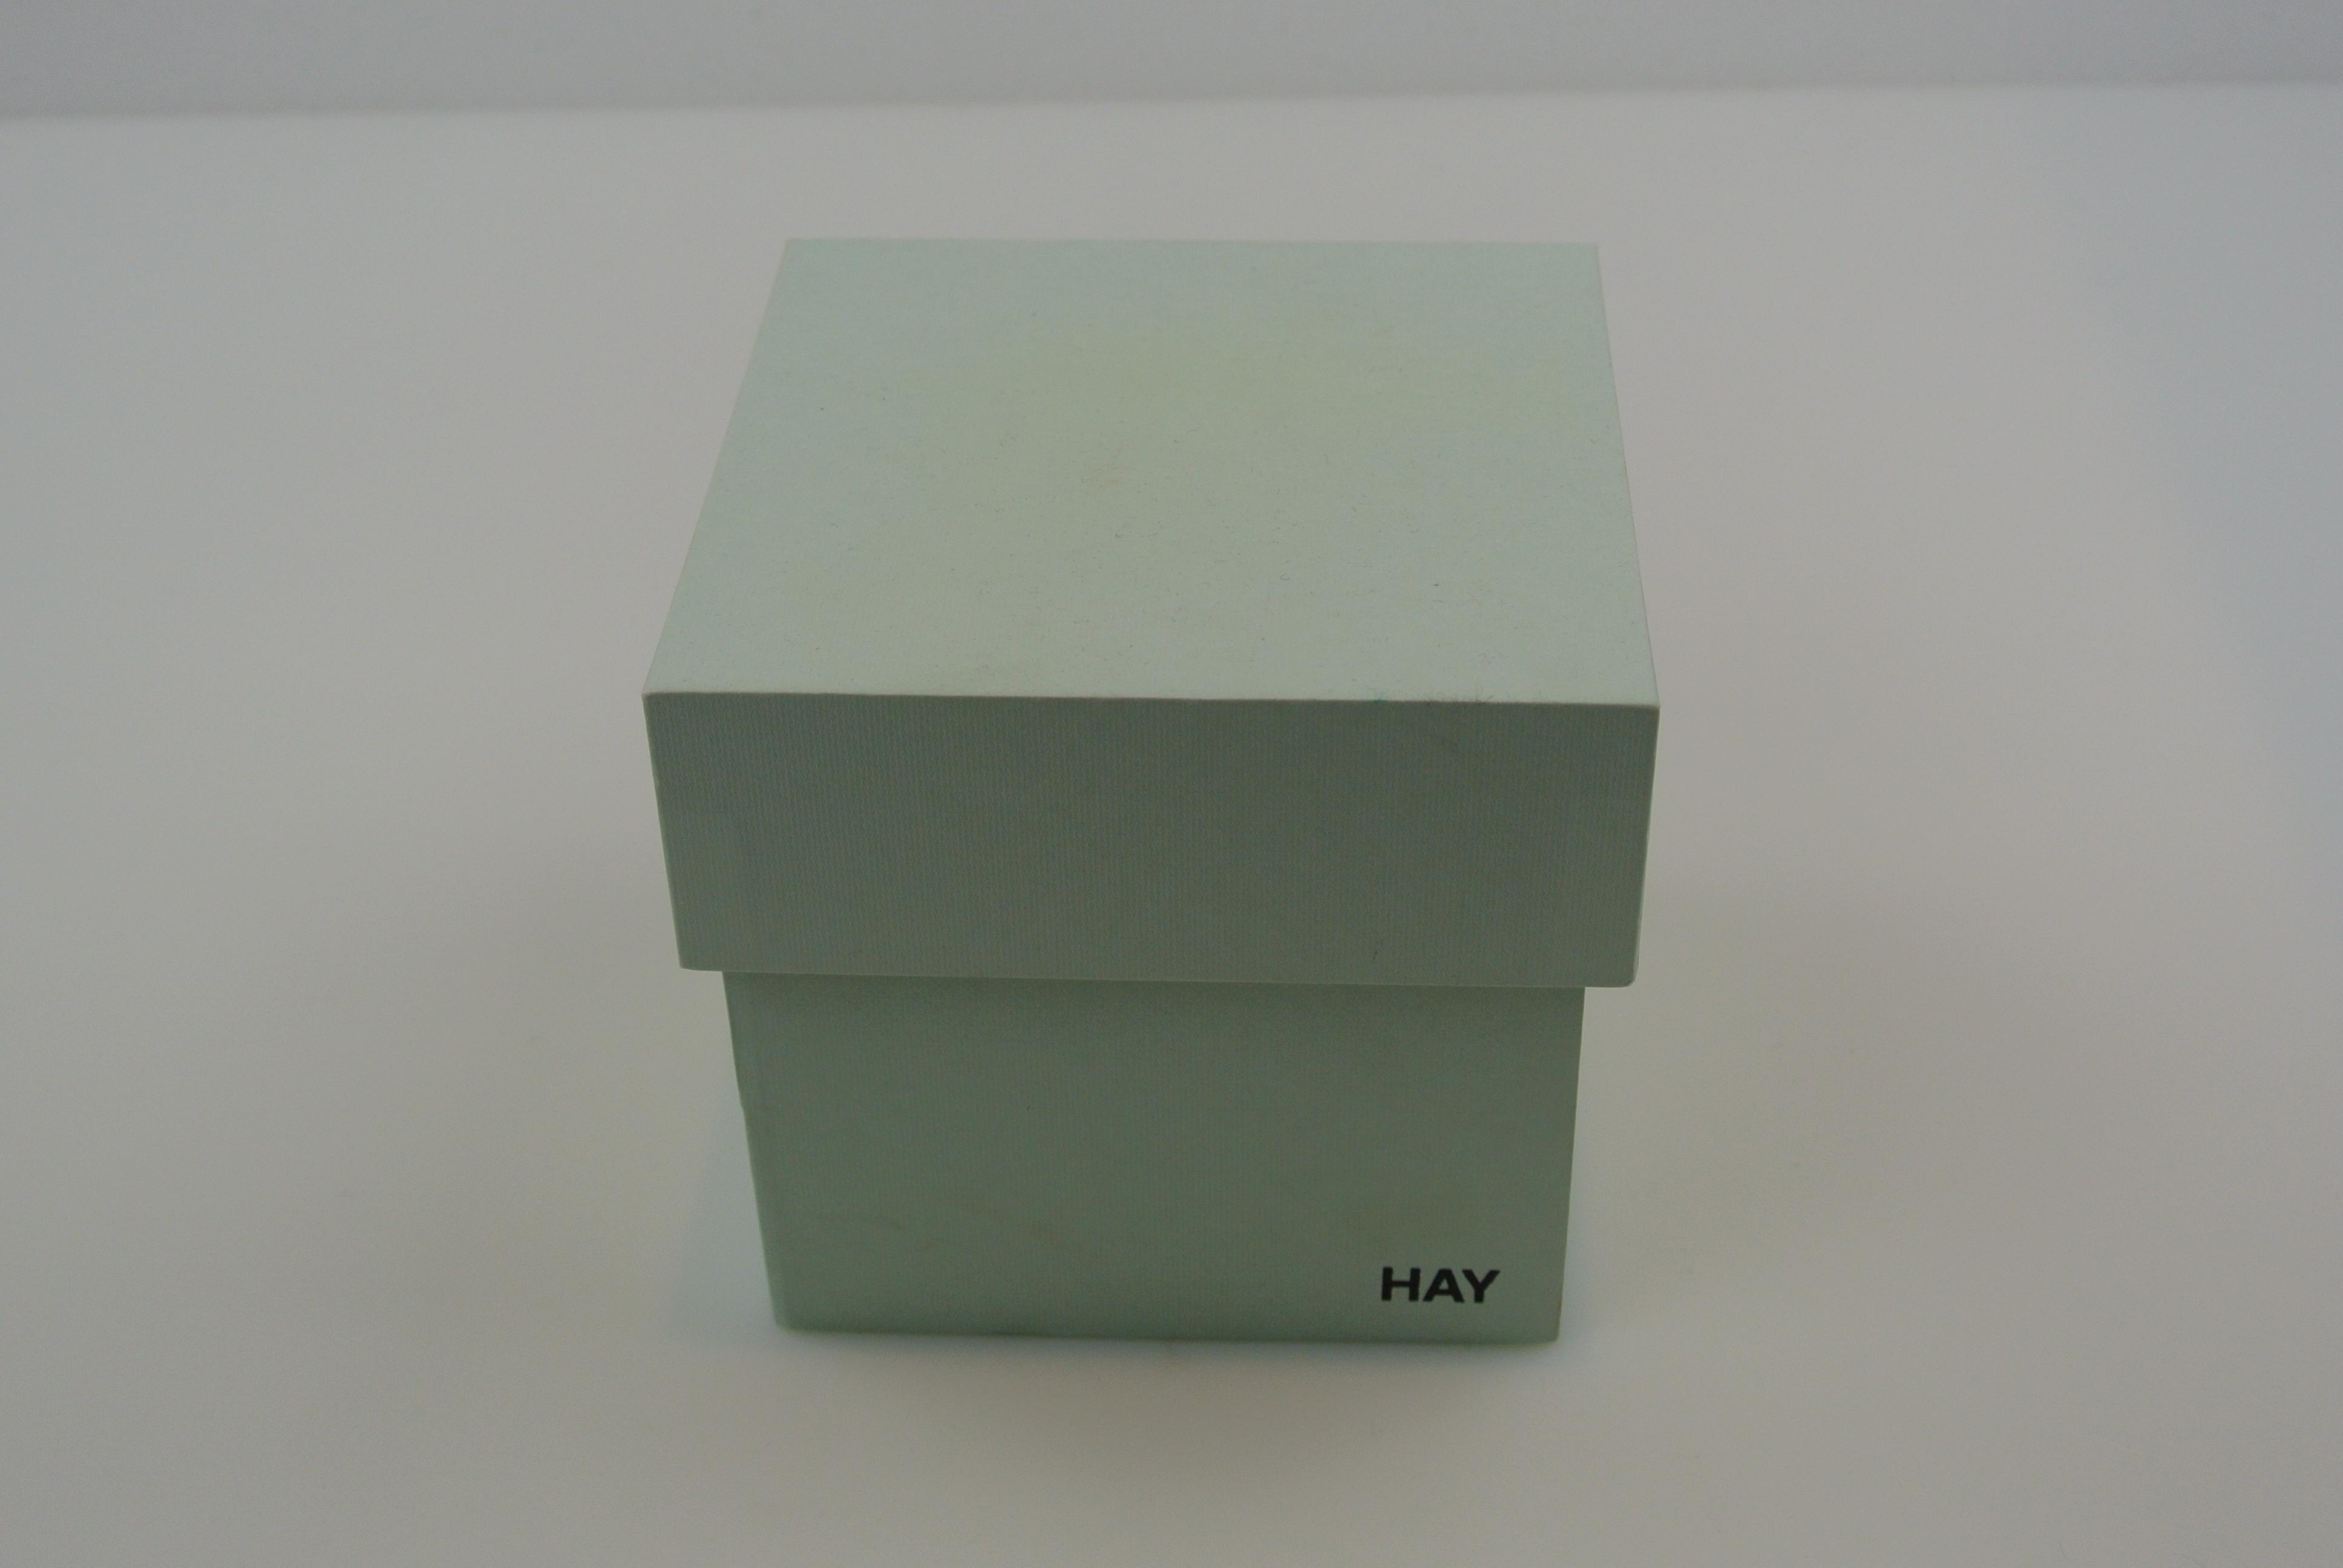 Hay kasse *